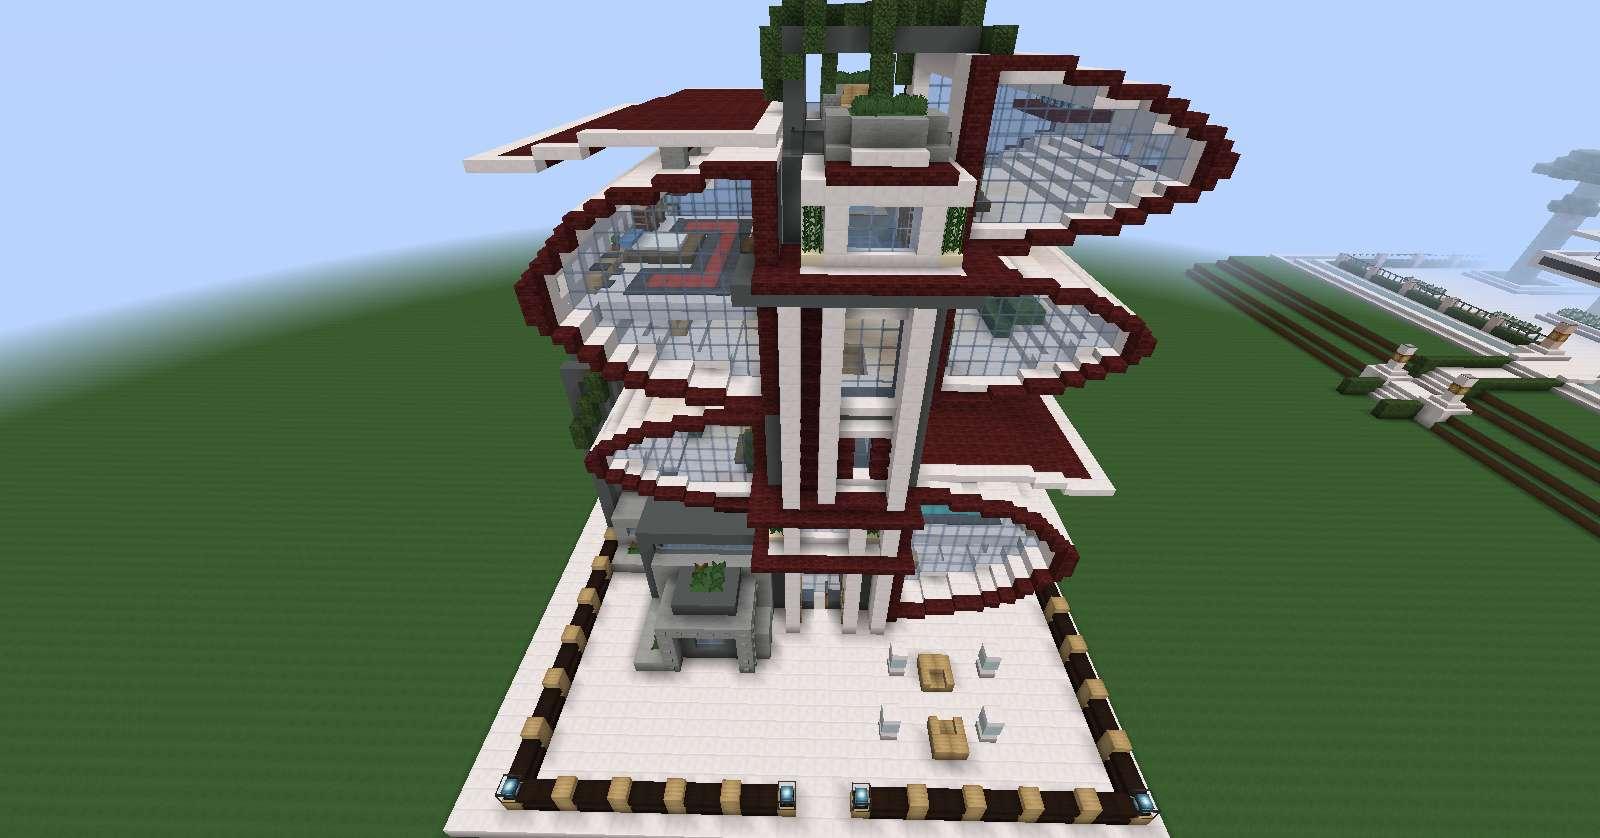 Super casa sueño de cuarzo minecraft